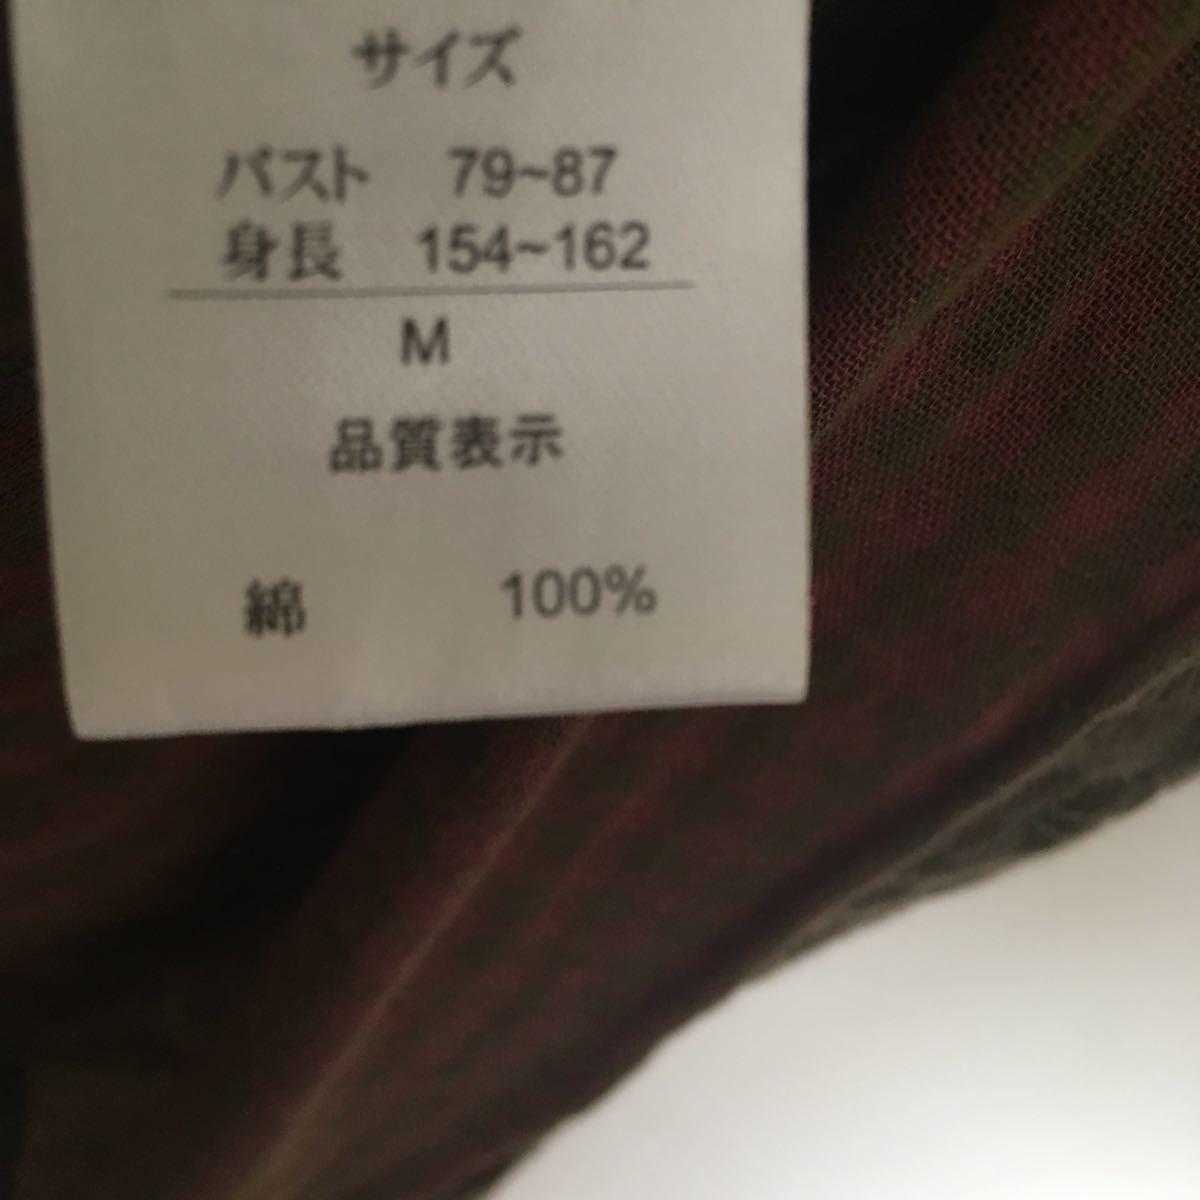 シャツワンピース 羽織り ダブルガーゼ 未使用 シャツワンピ